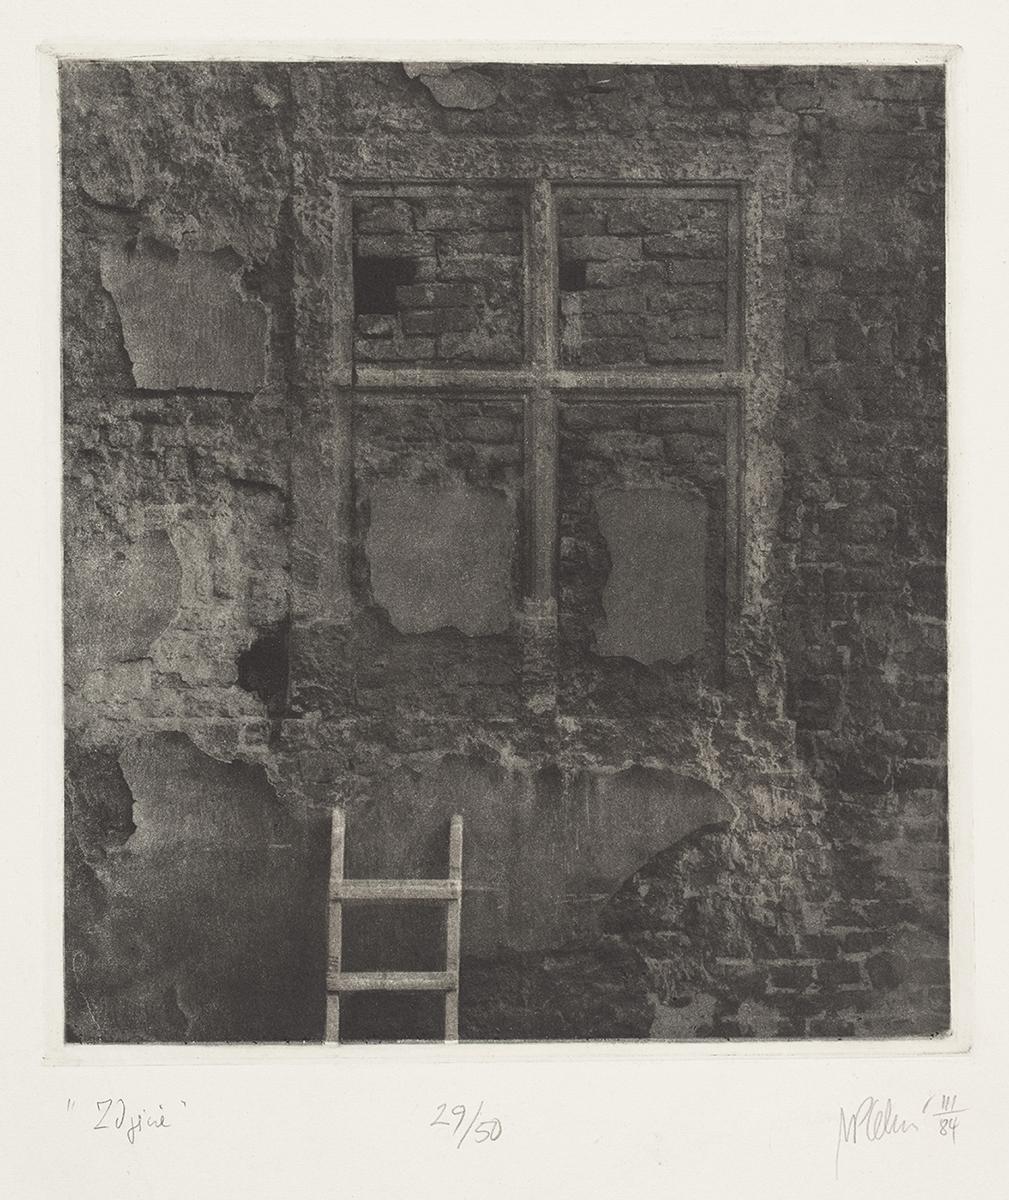 Zdjęcie, 1984